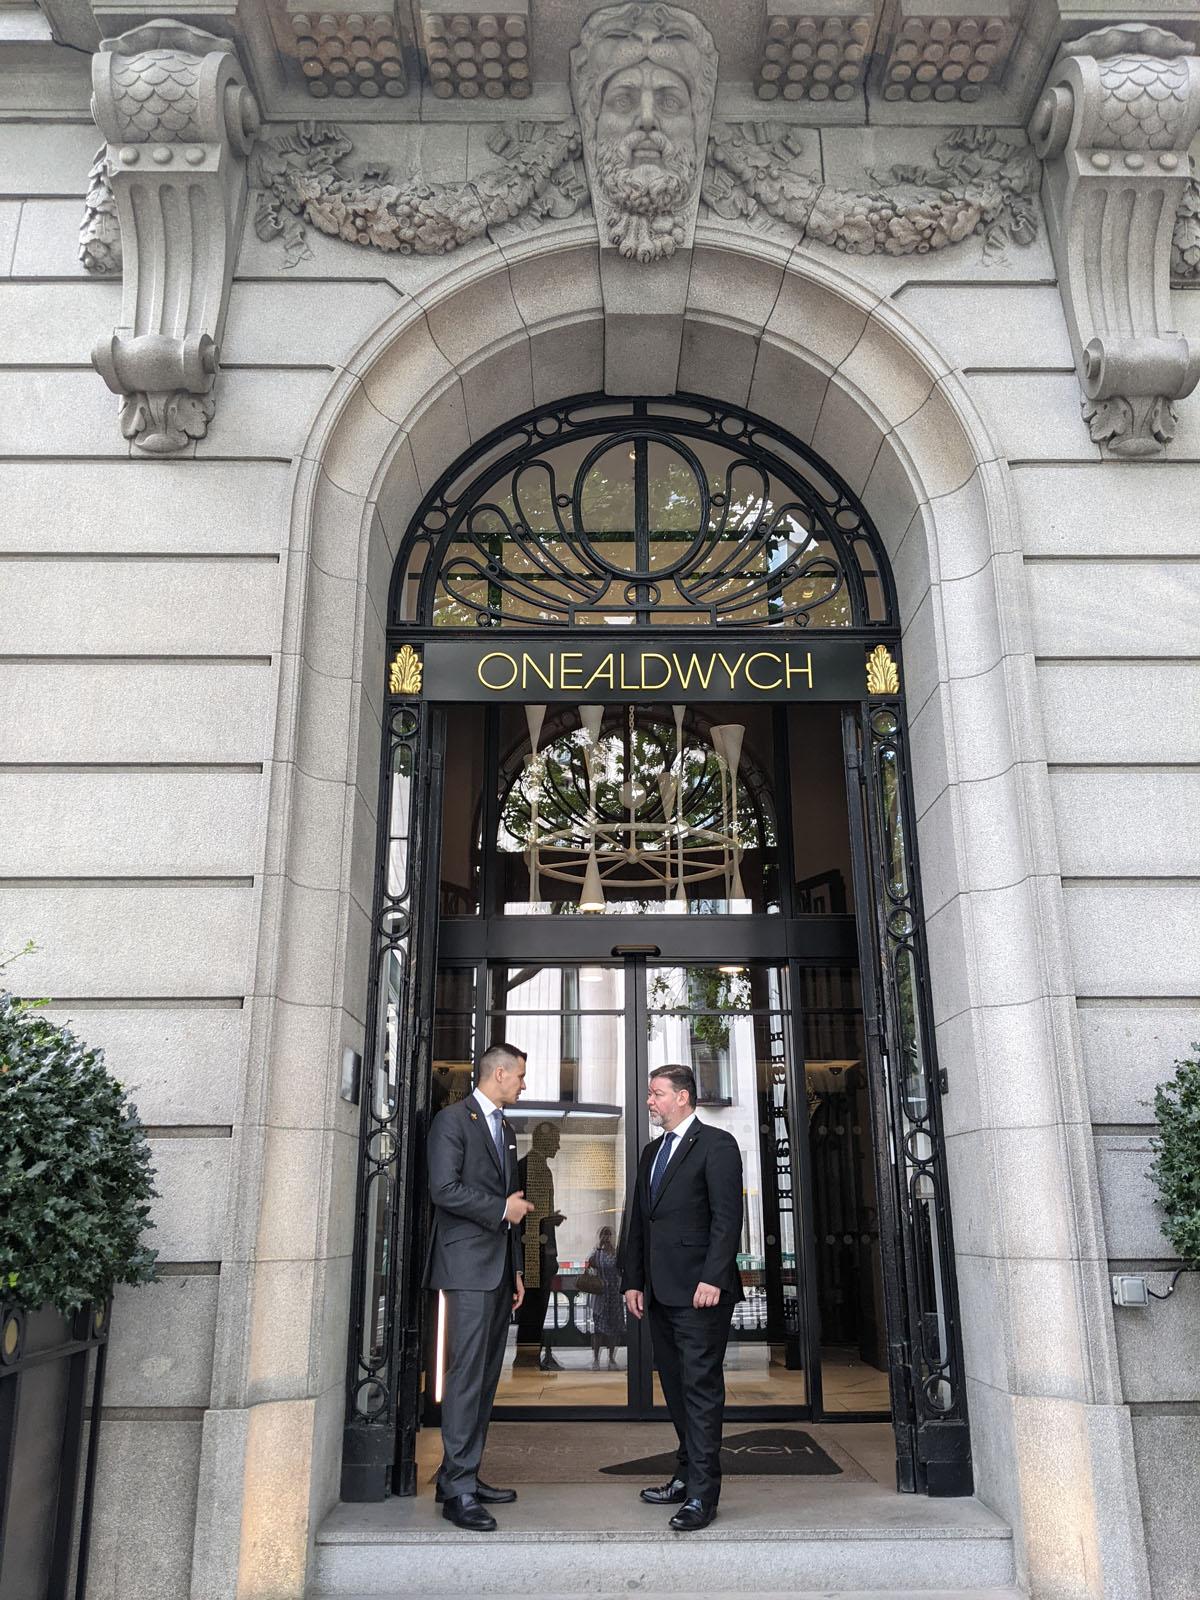 Entrance - One Aldwych